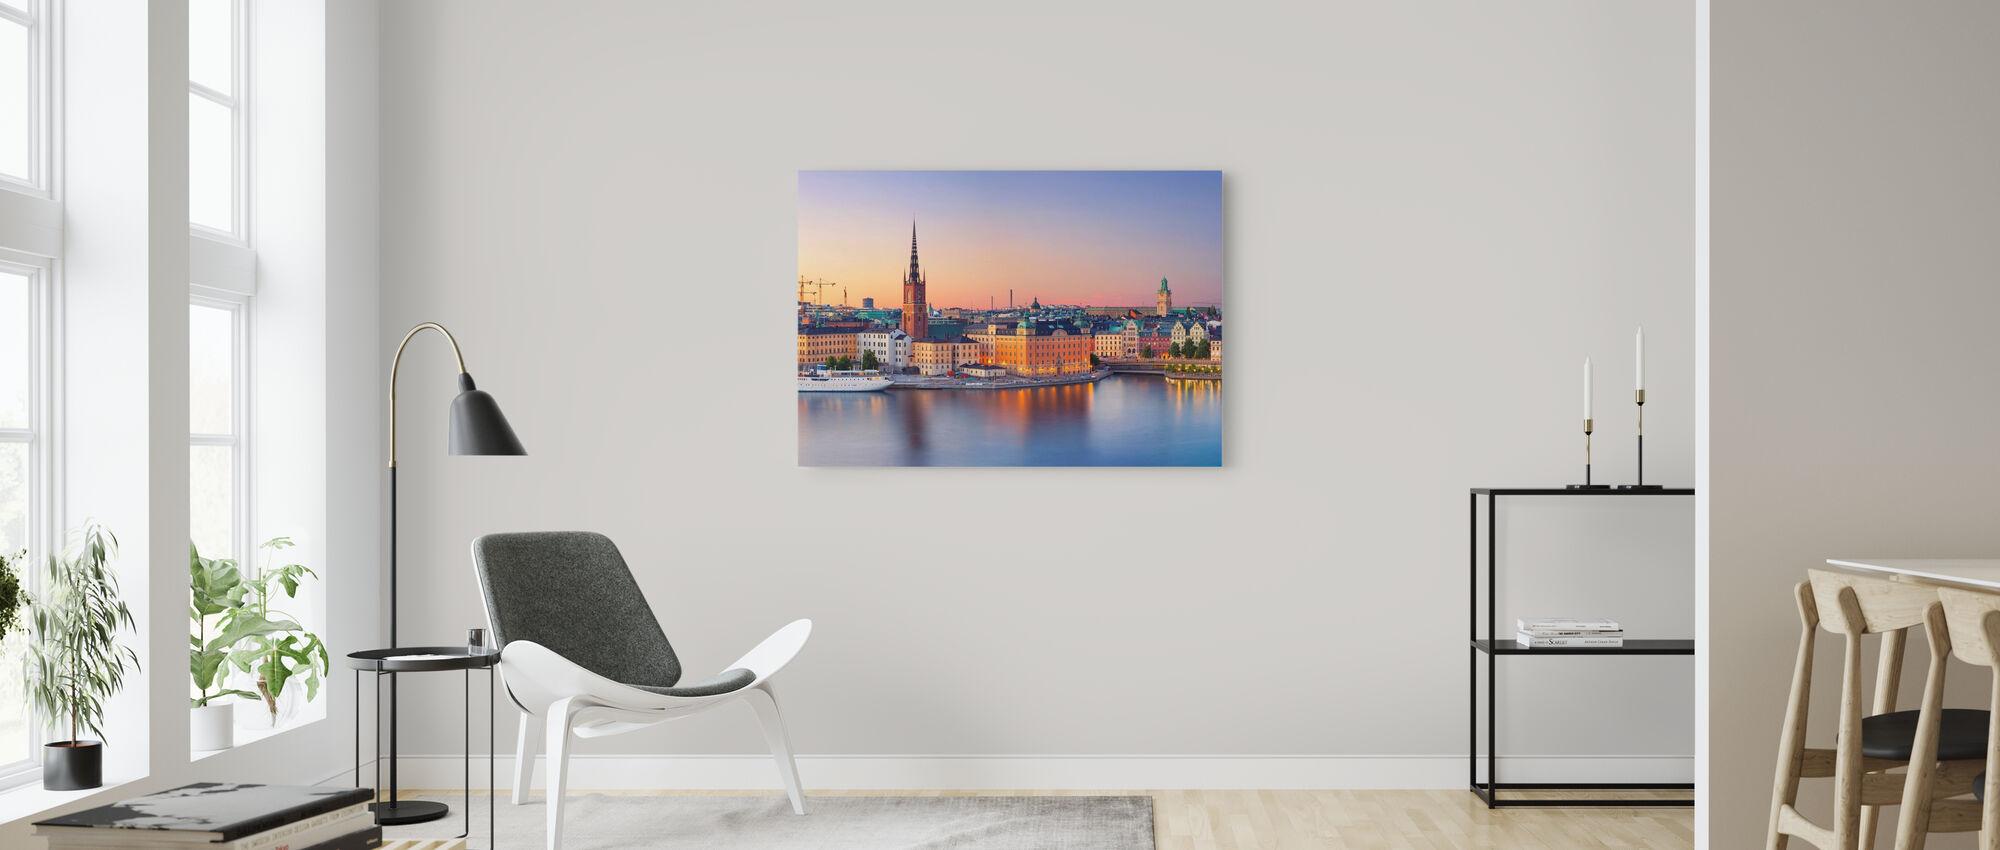 Stockholm at Dusk - Canvas print - Living Room